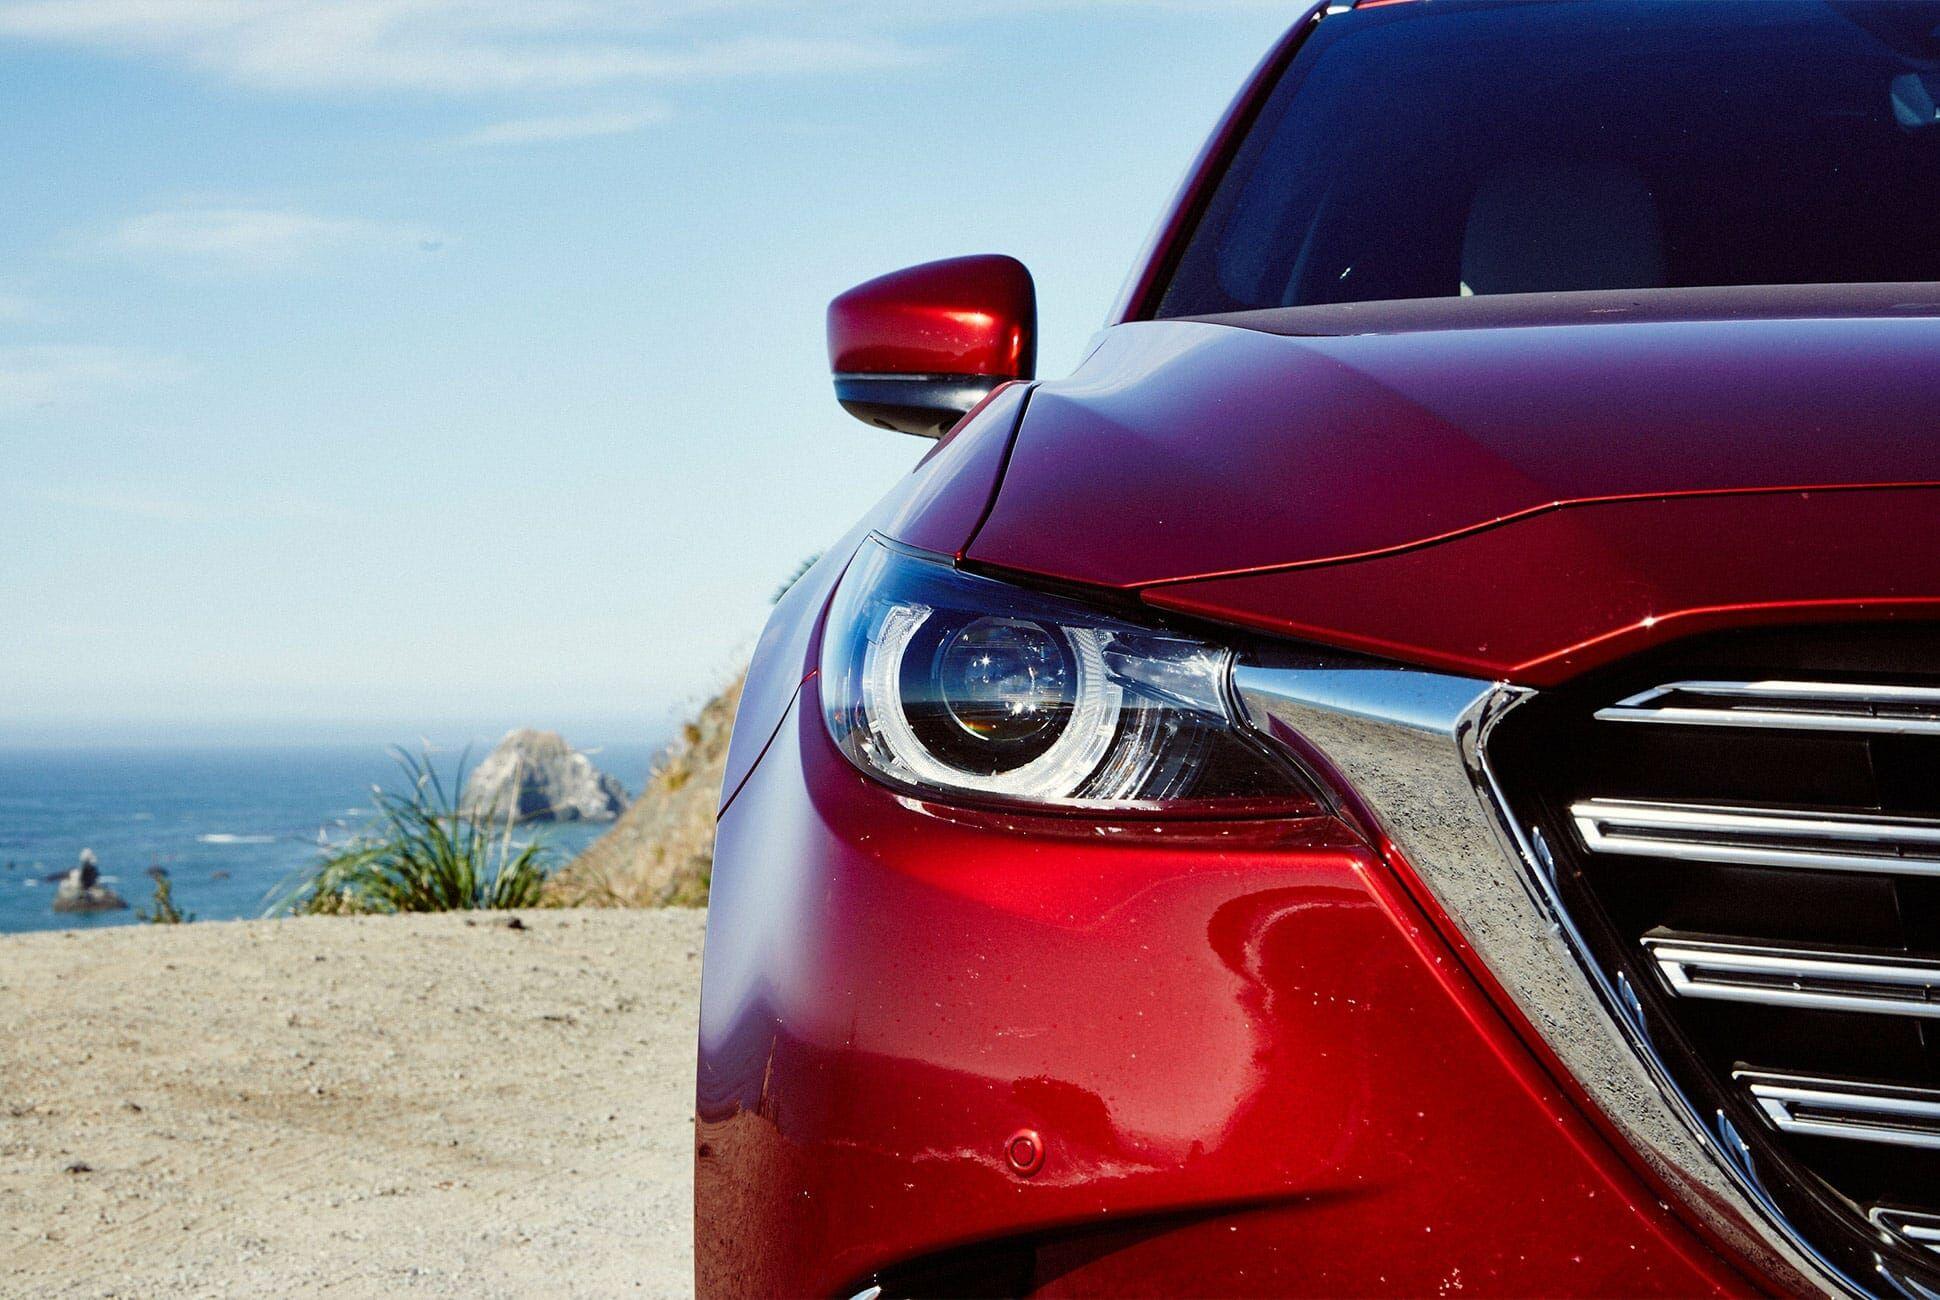 Mazda-CX9-Review-Gear-Patrol-slide-2